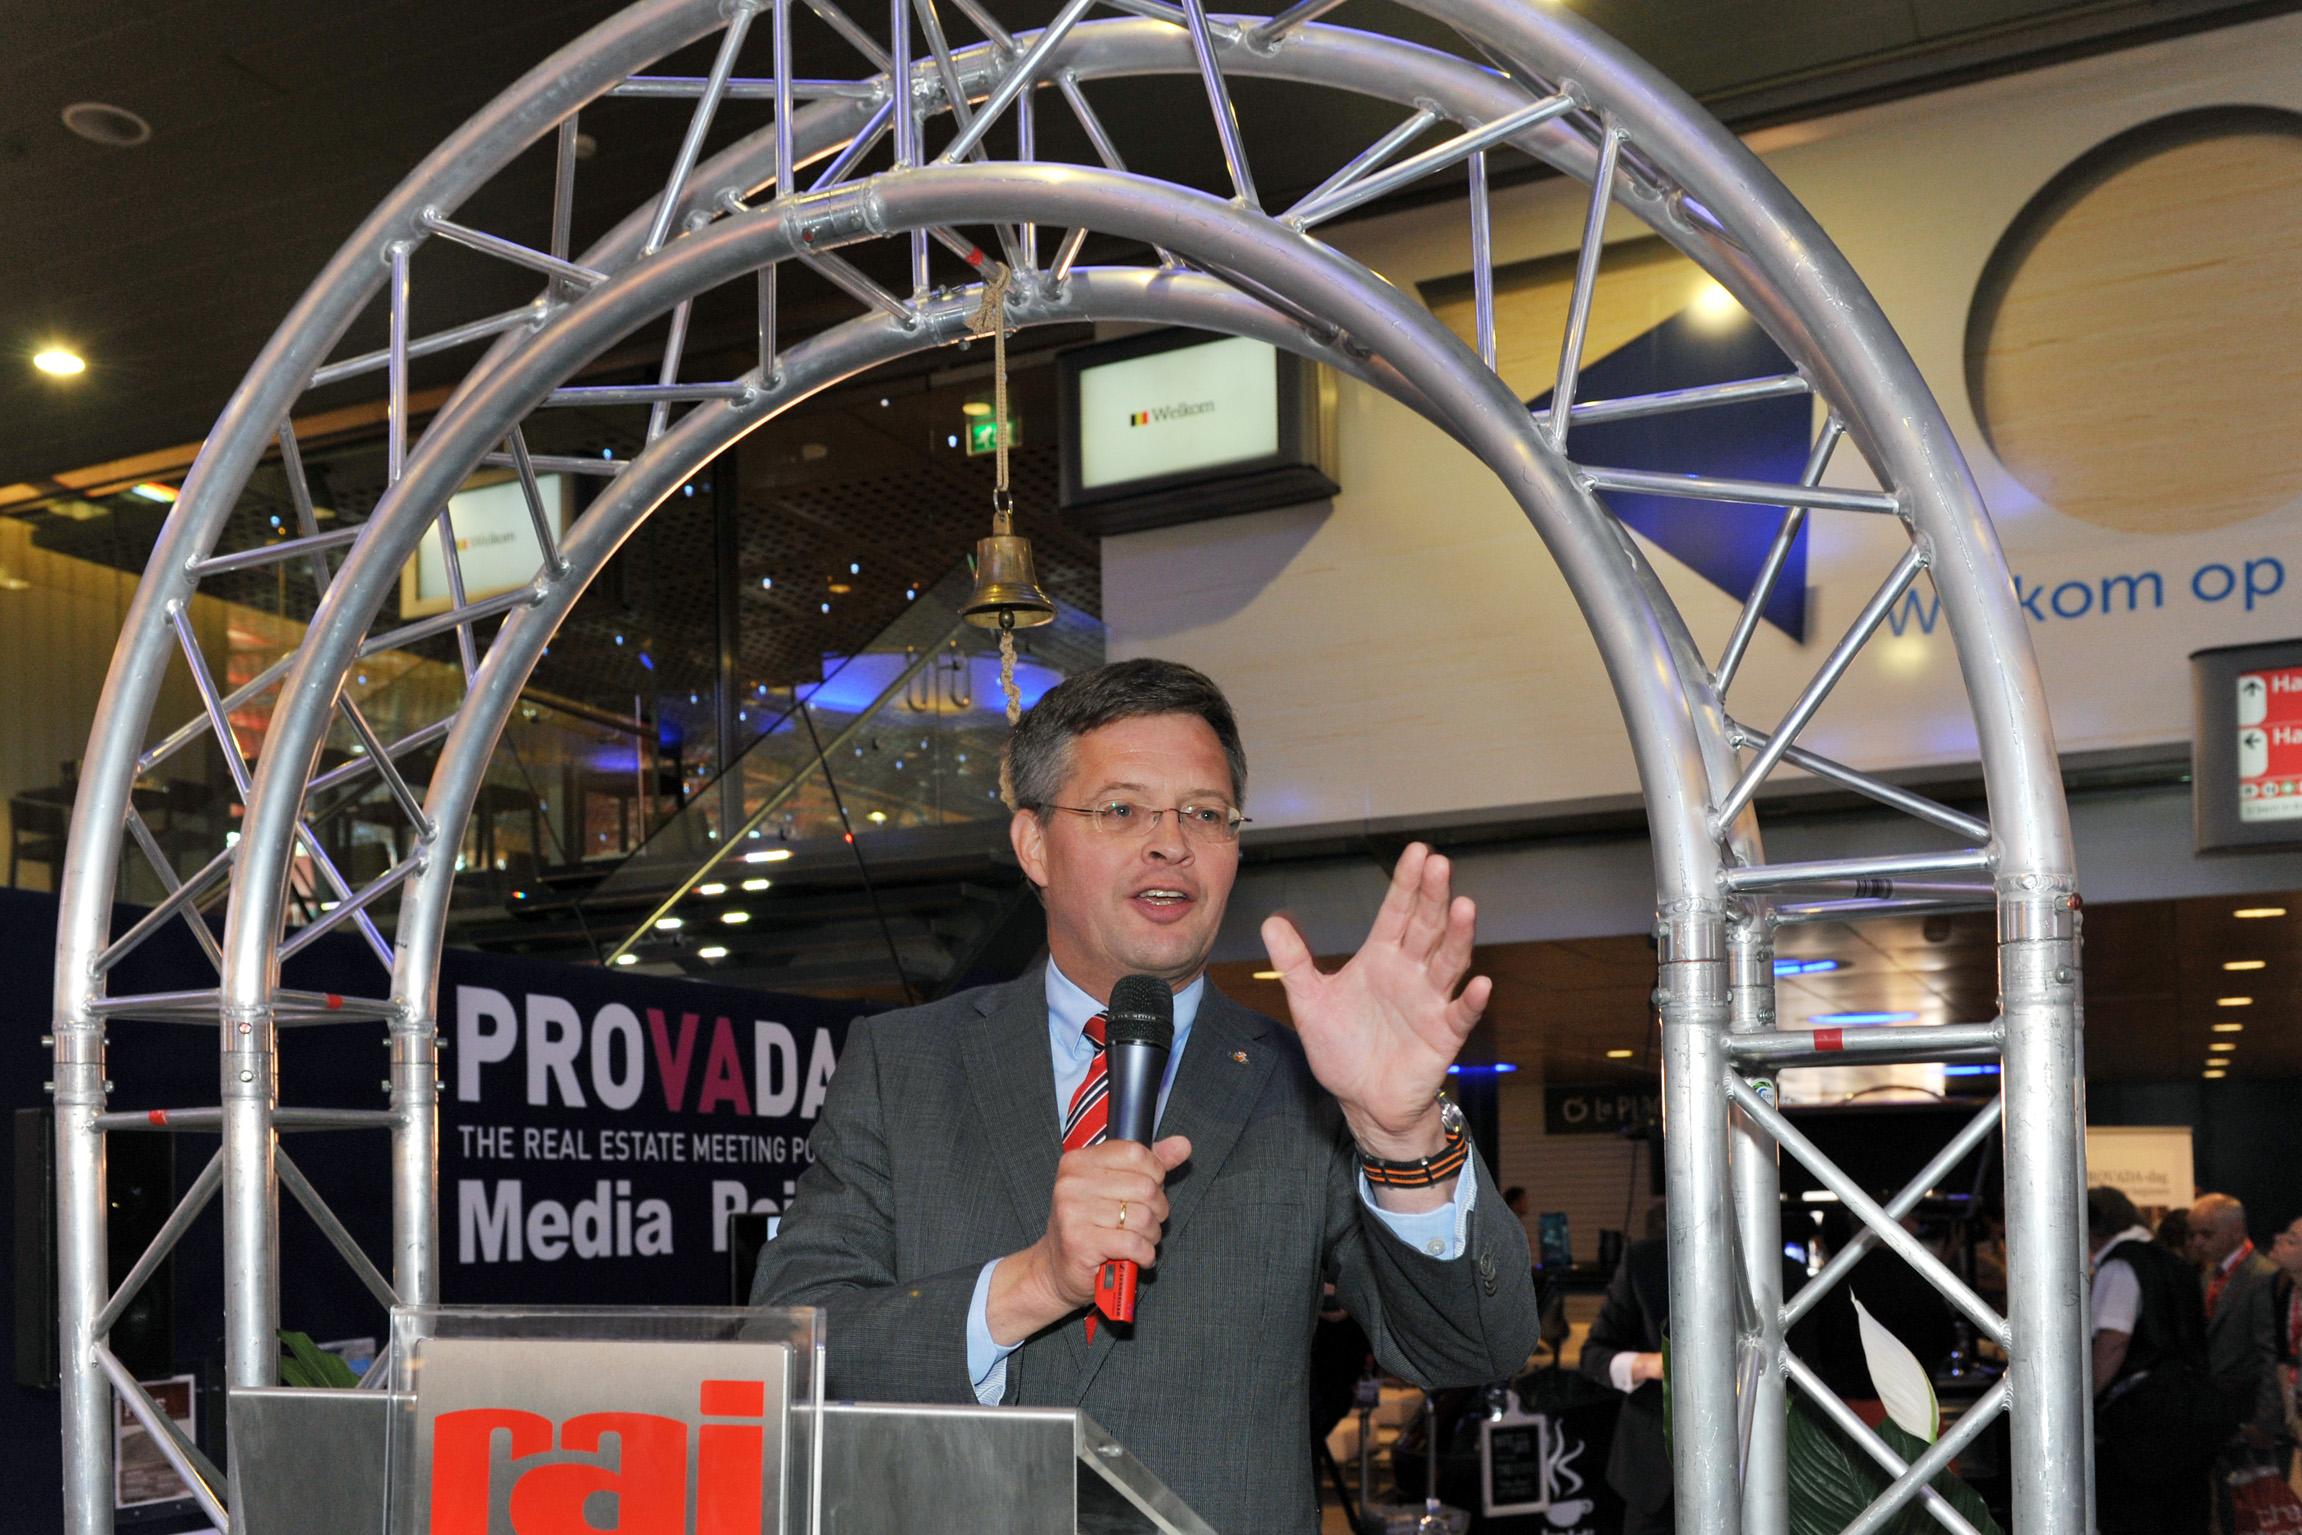 Photoworkx, provadafotograaf.nl